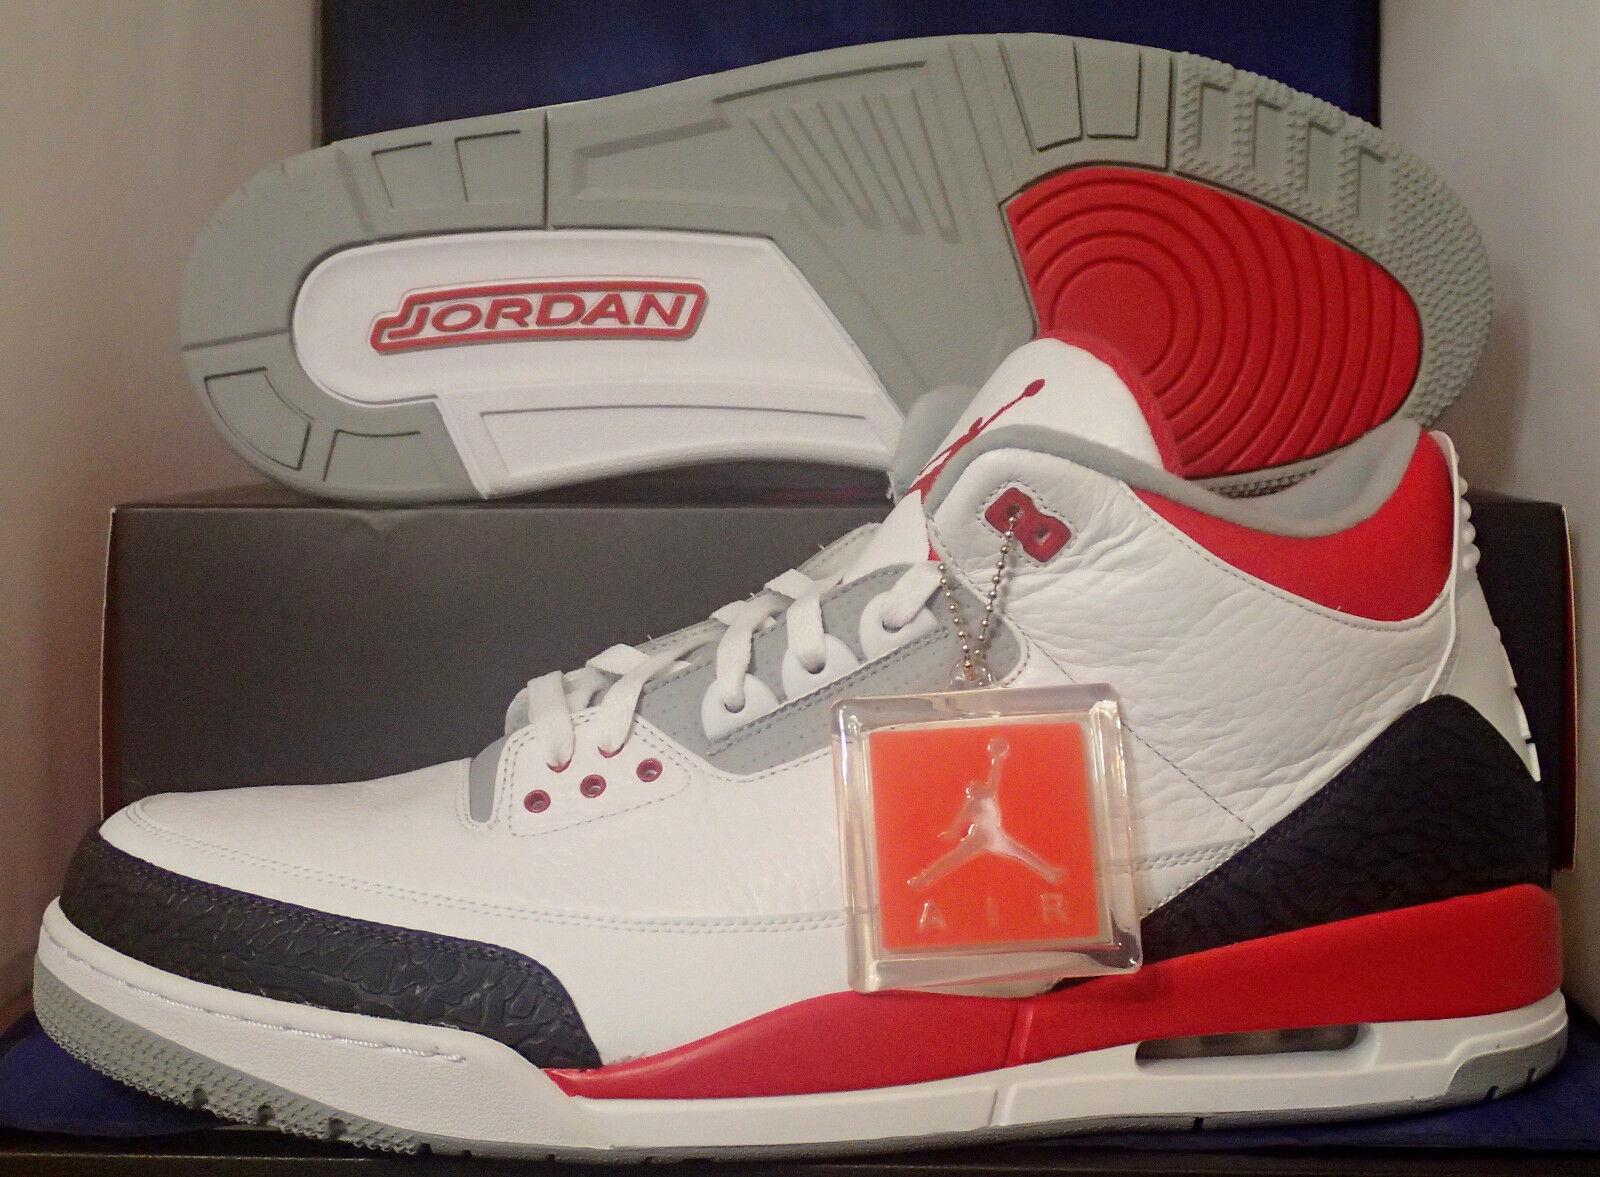 Nike Air Jordan 3 III retro rojo fuego reduccion de vendido precio el modelo mas vendido de de la marca 08b2ec